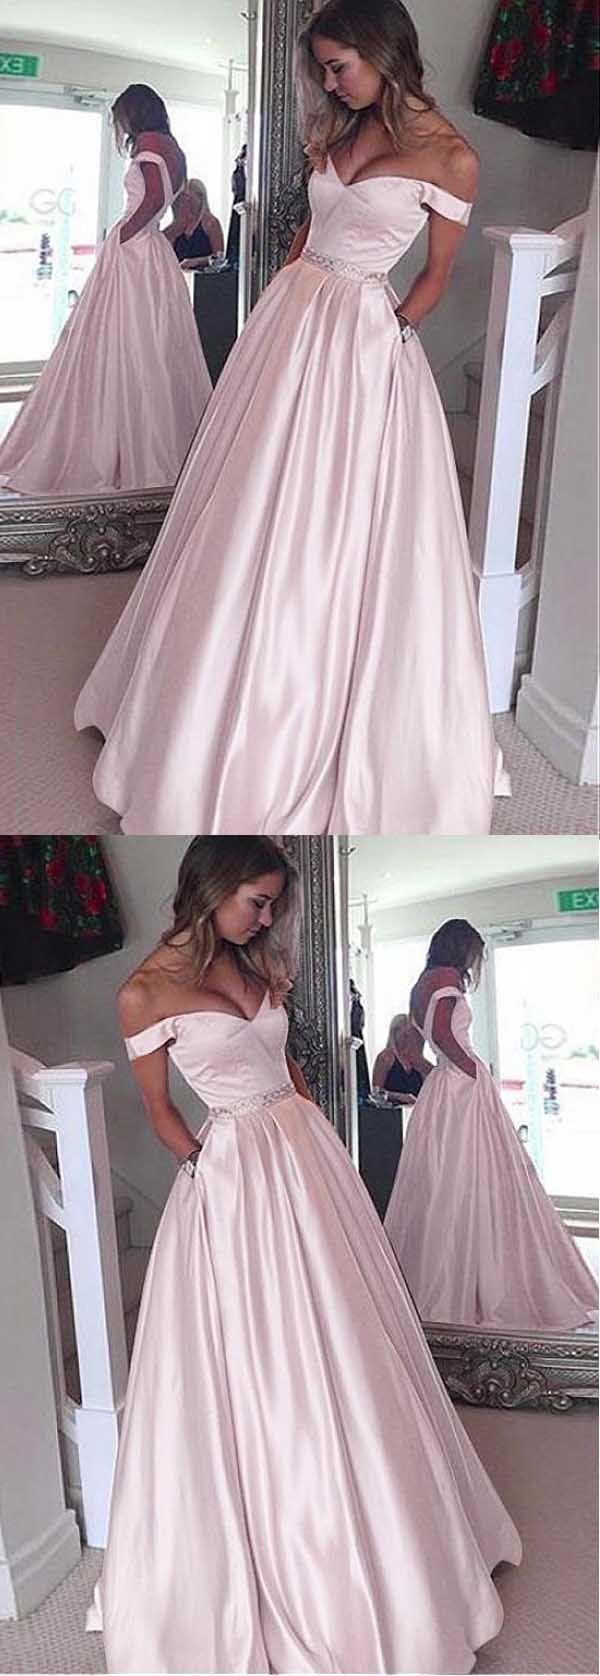 Fetching prom dresses elegant satin offtheshoulder neckline a